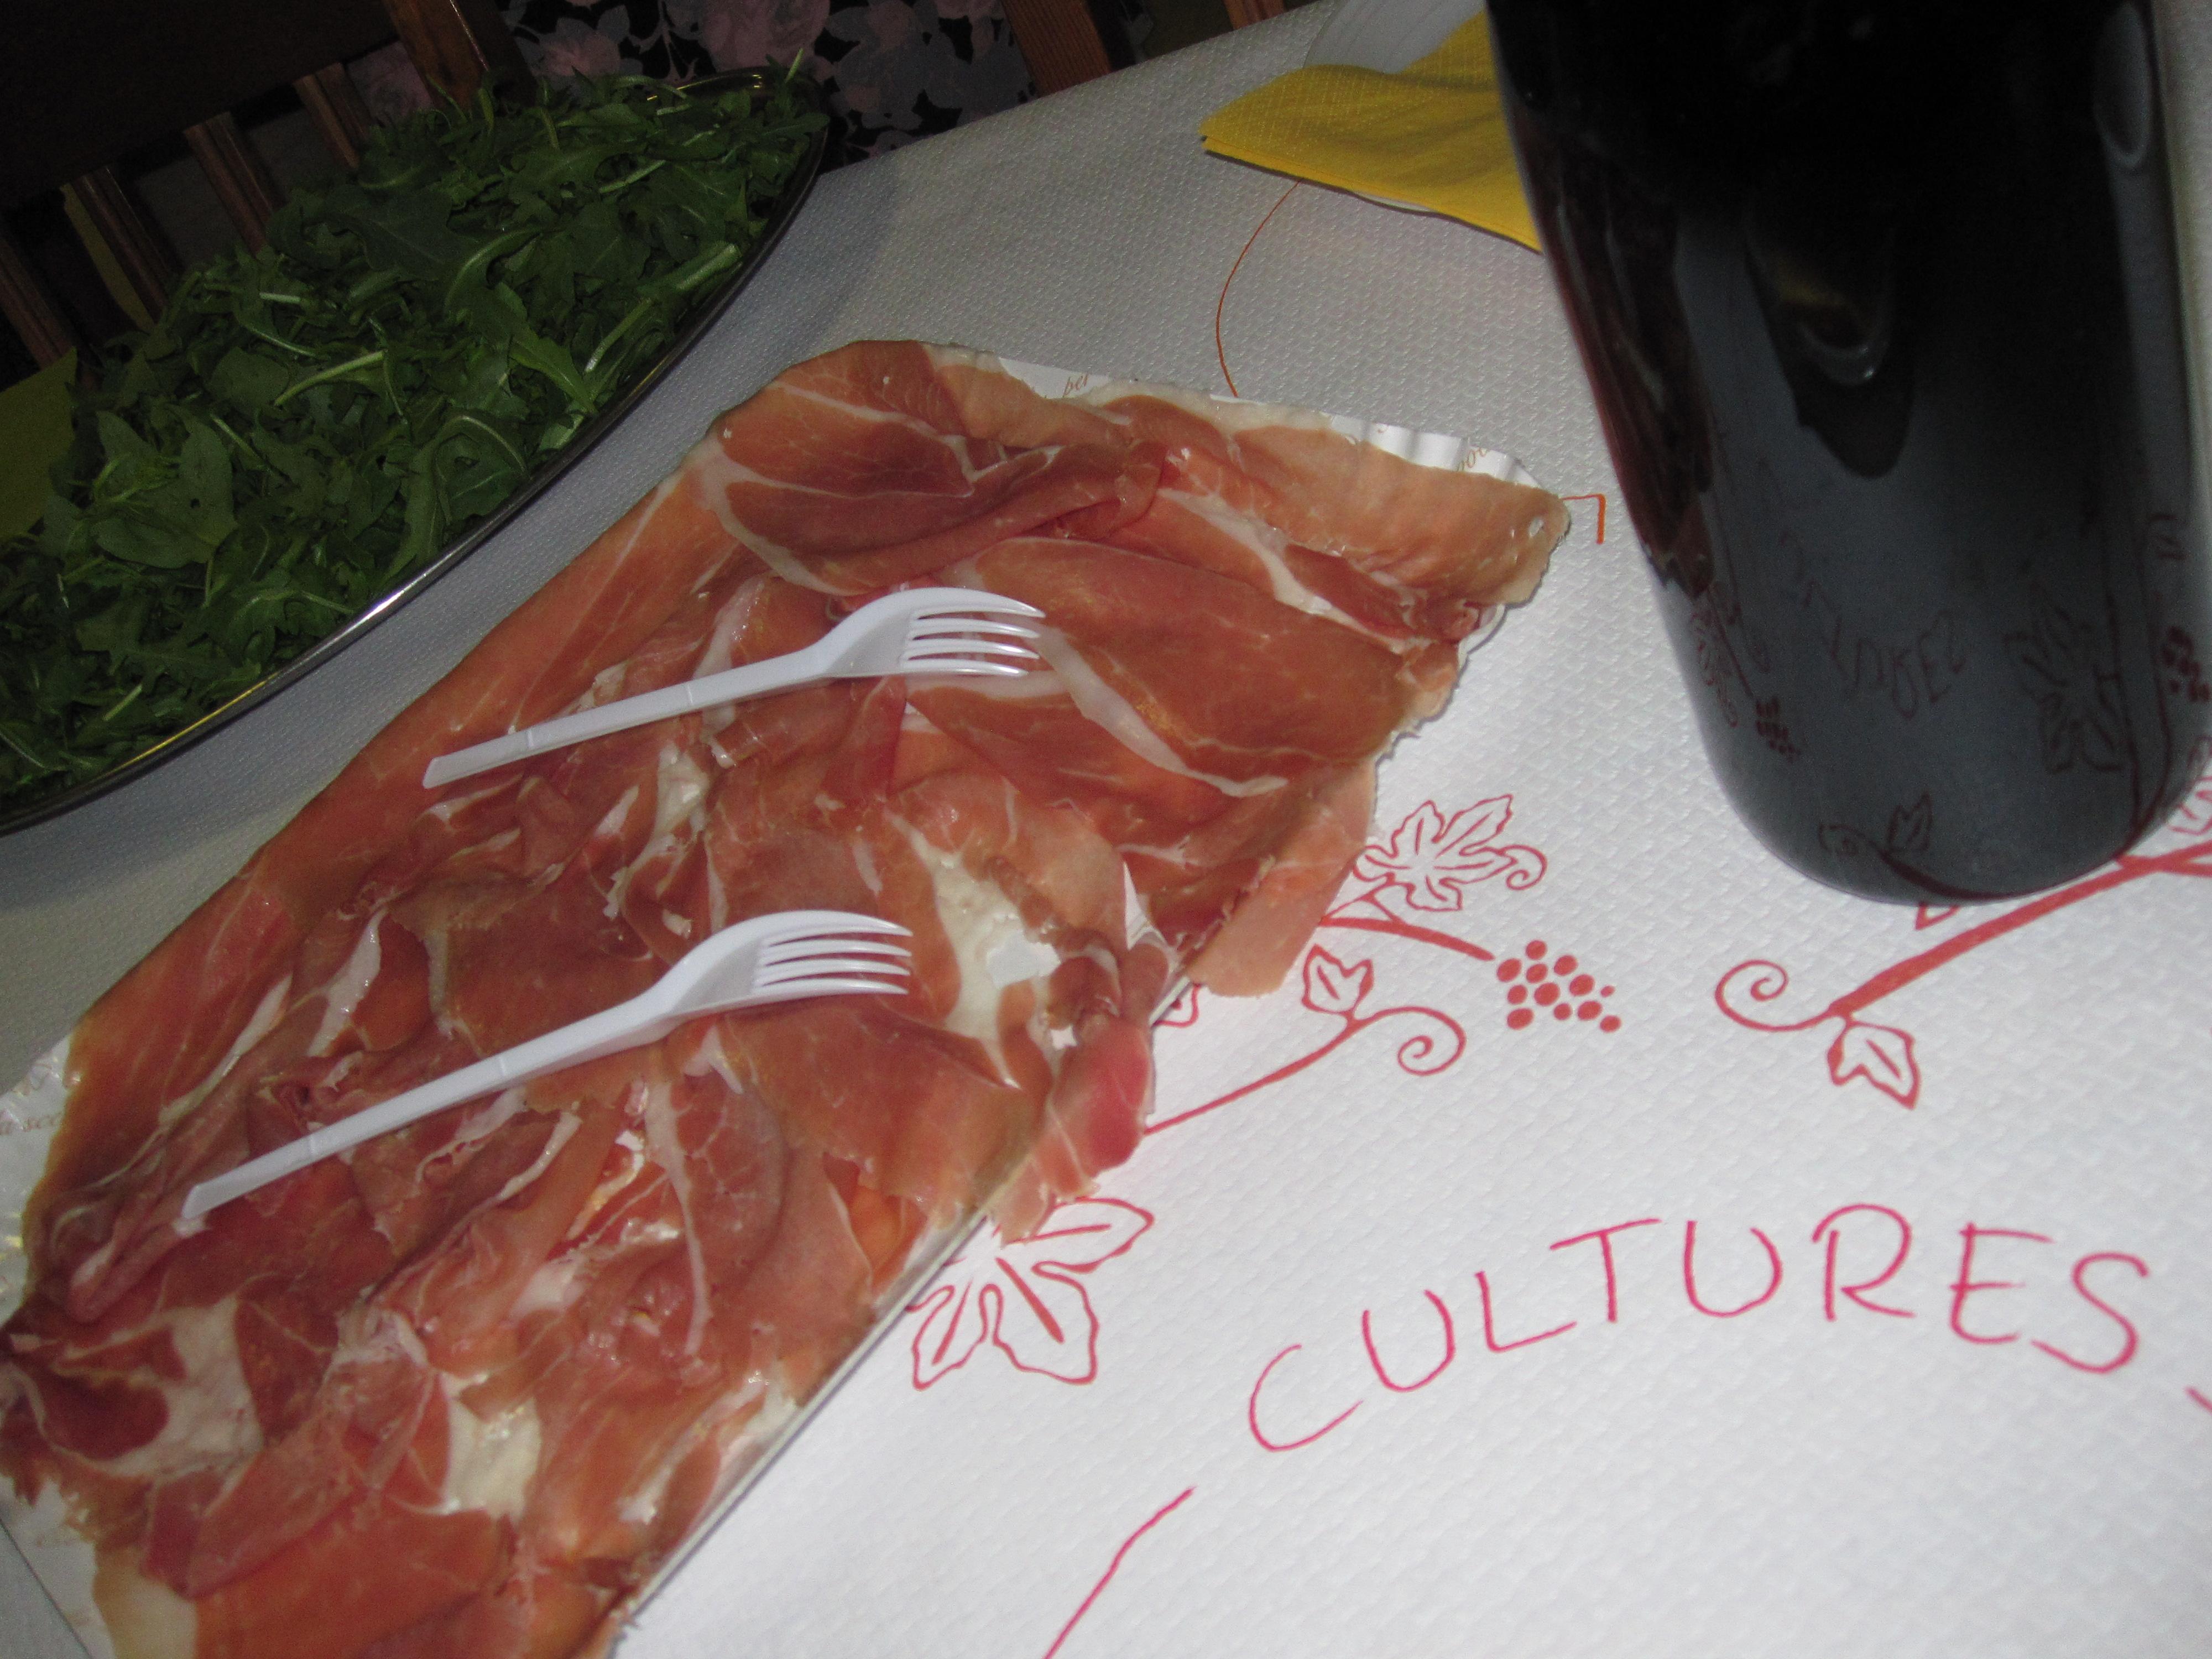 stagni roberto bologna recipes - photo#38